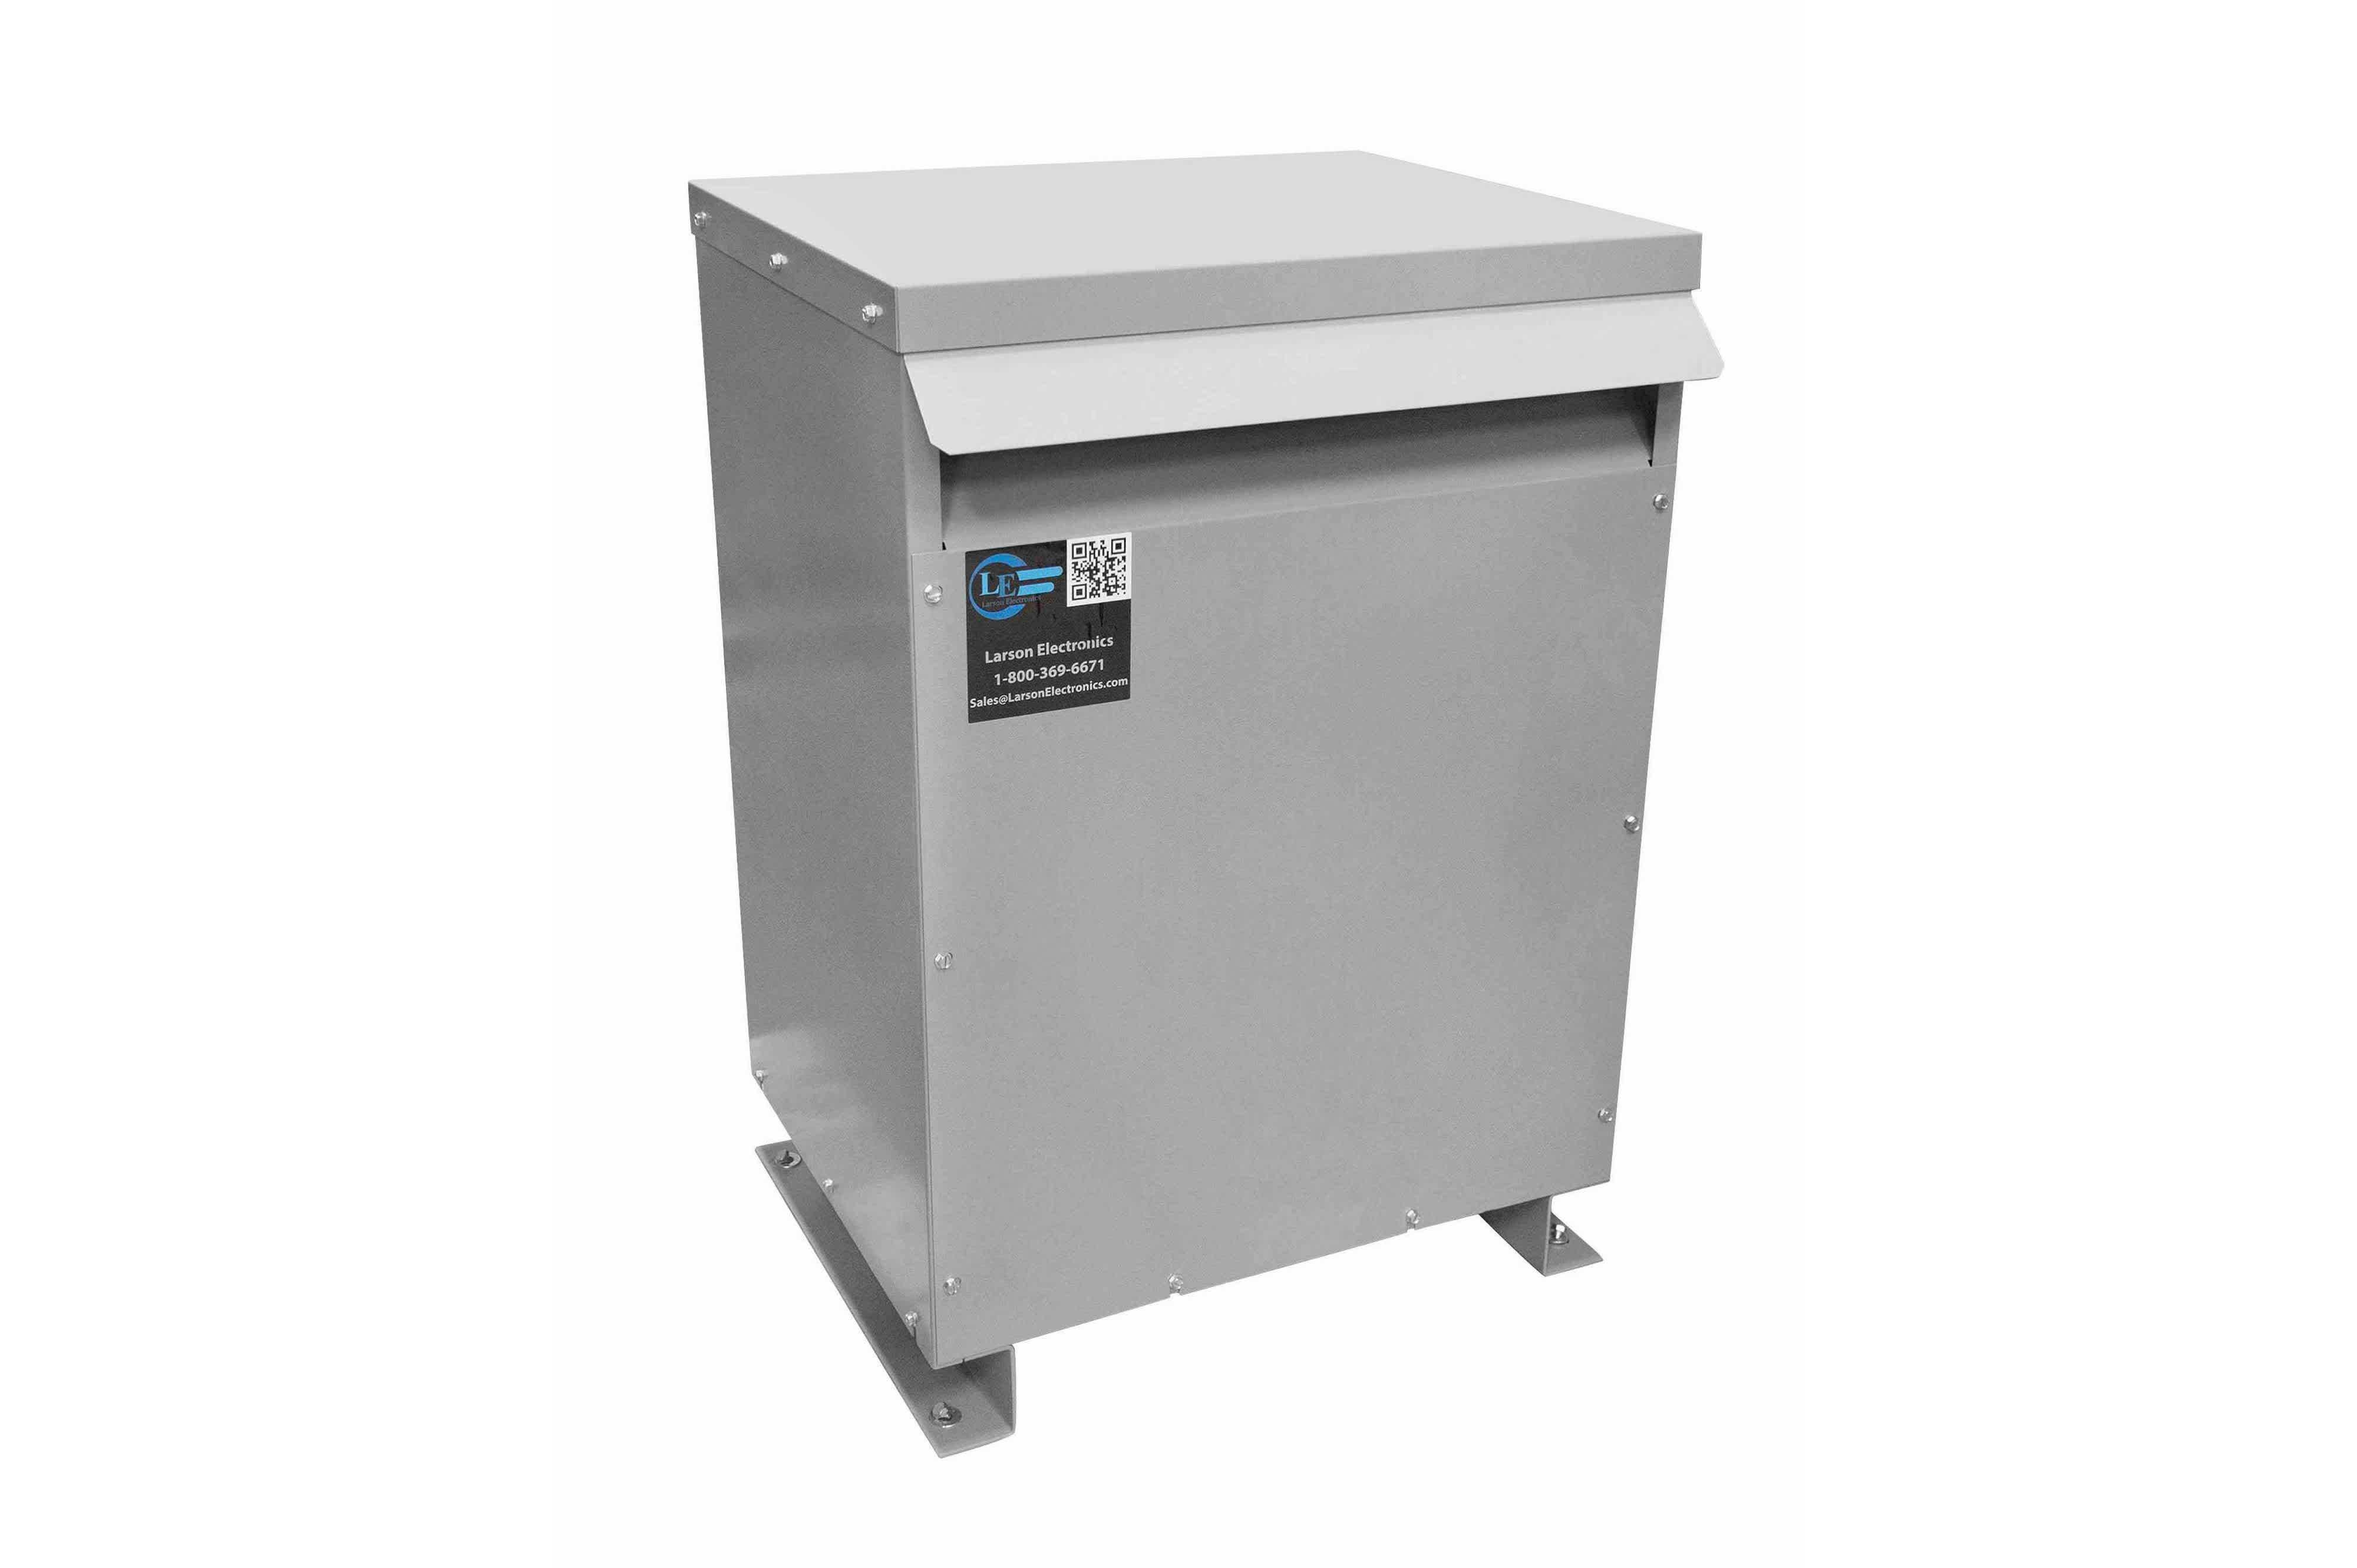 38 kVA 3PH Isolation Transformer, 208V Delta Primary, 380V Delta Secondary, N3R, Ventilated, 60 Hz